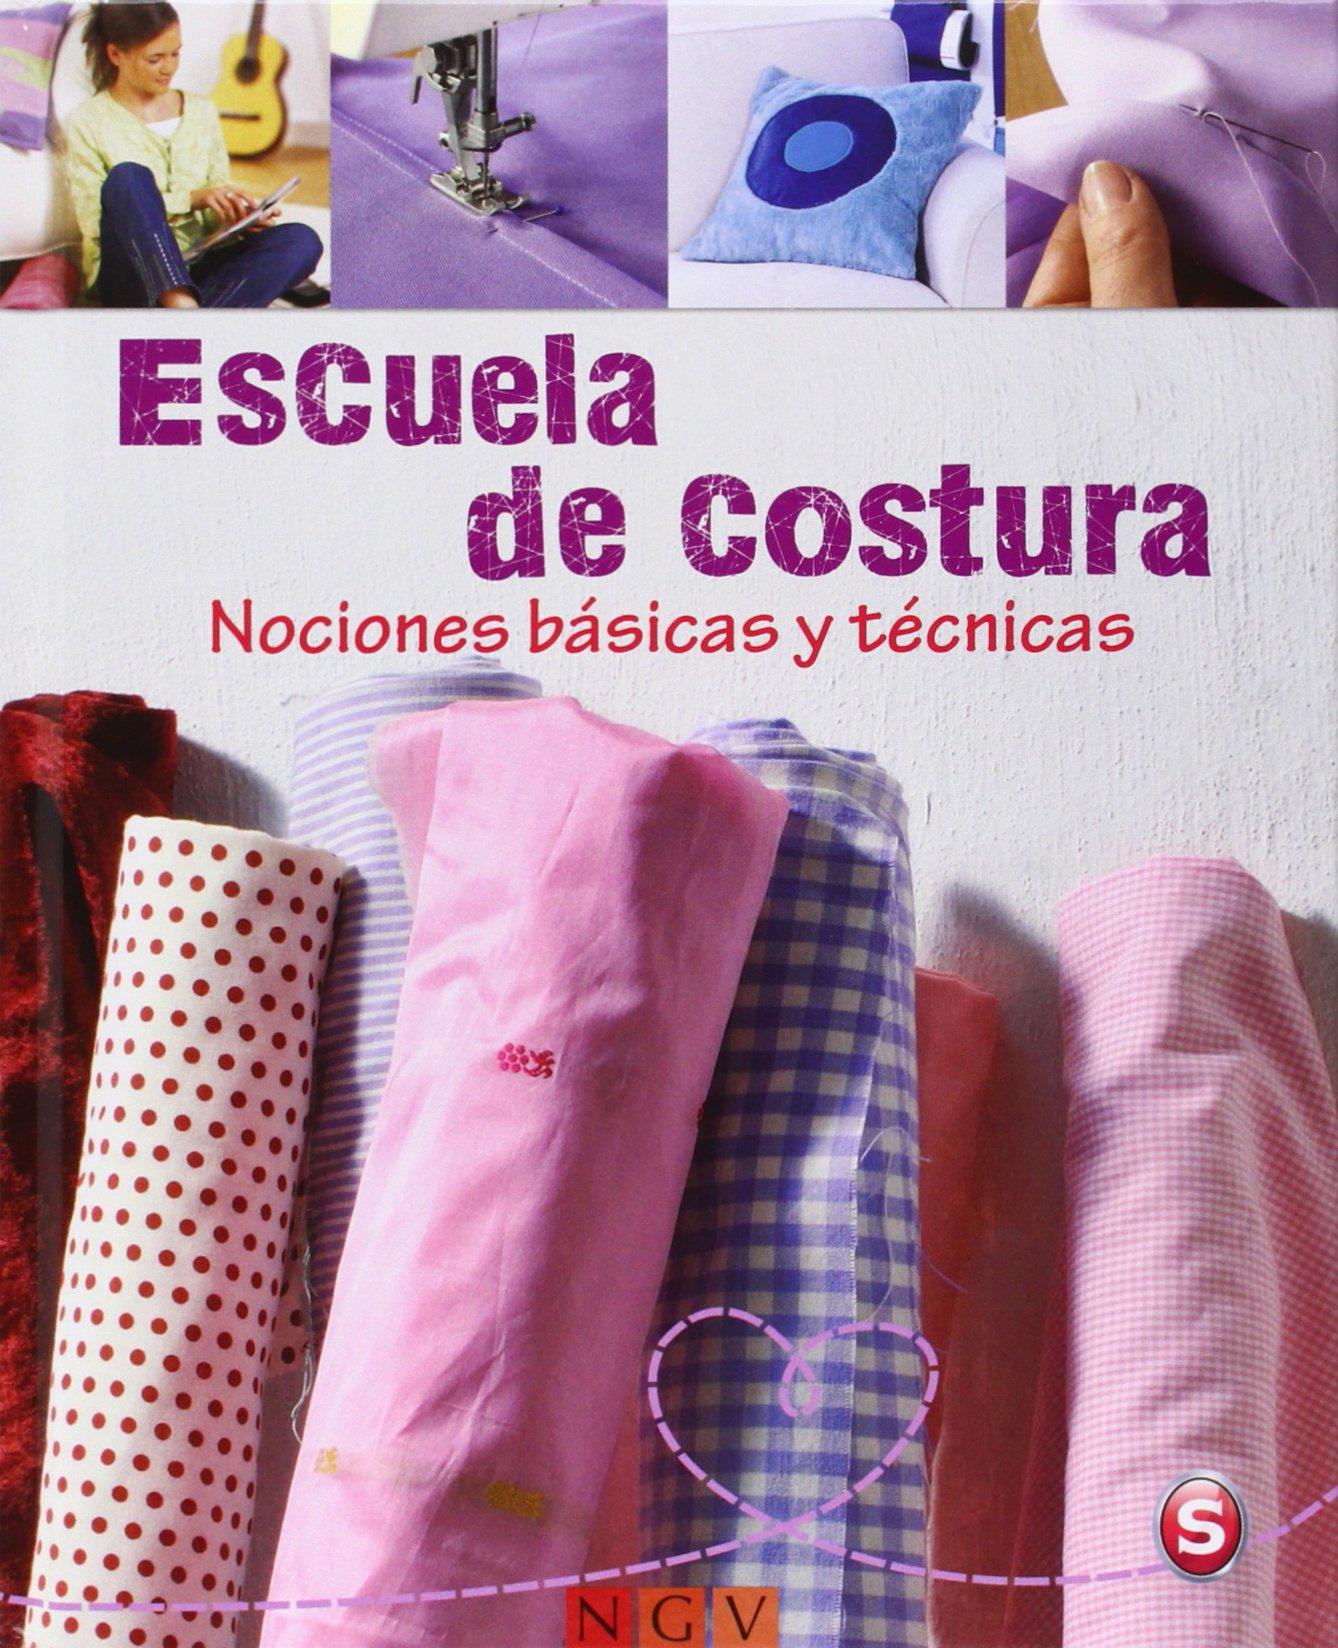 Escuela De Costura: Amazon.es: Vv.Aa: Libros